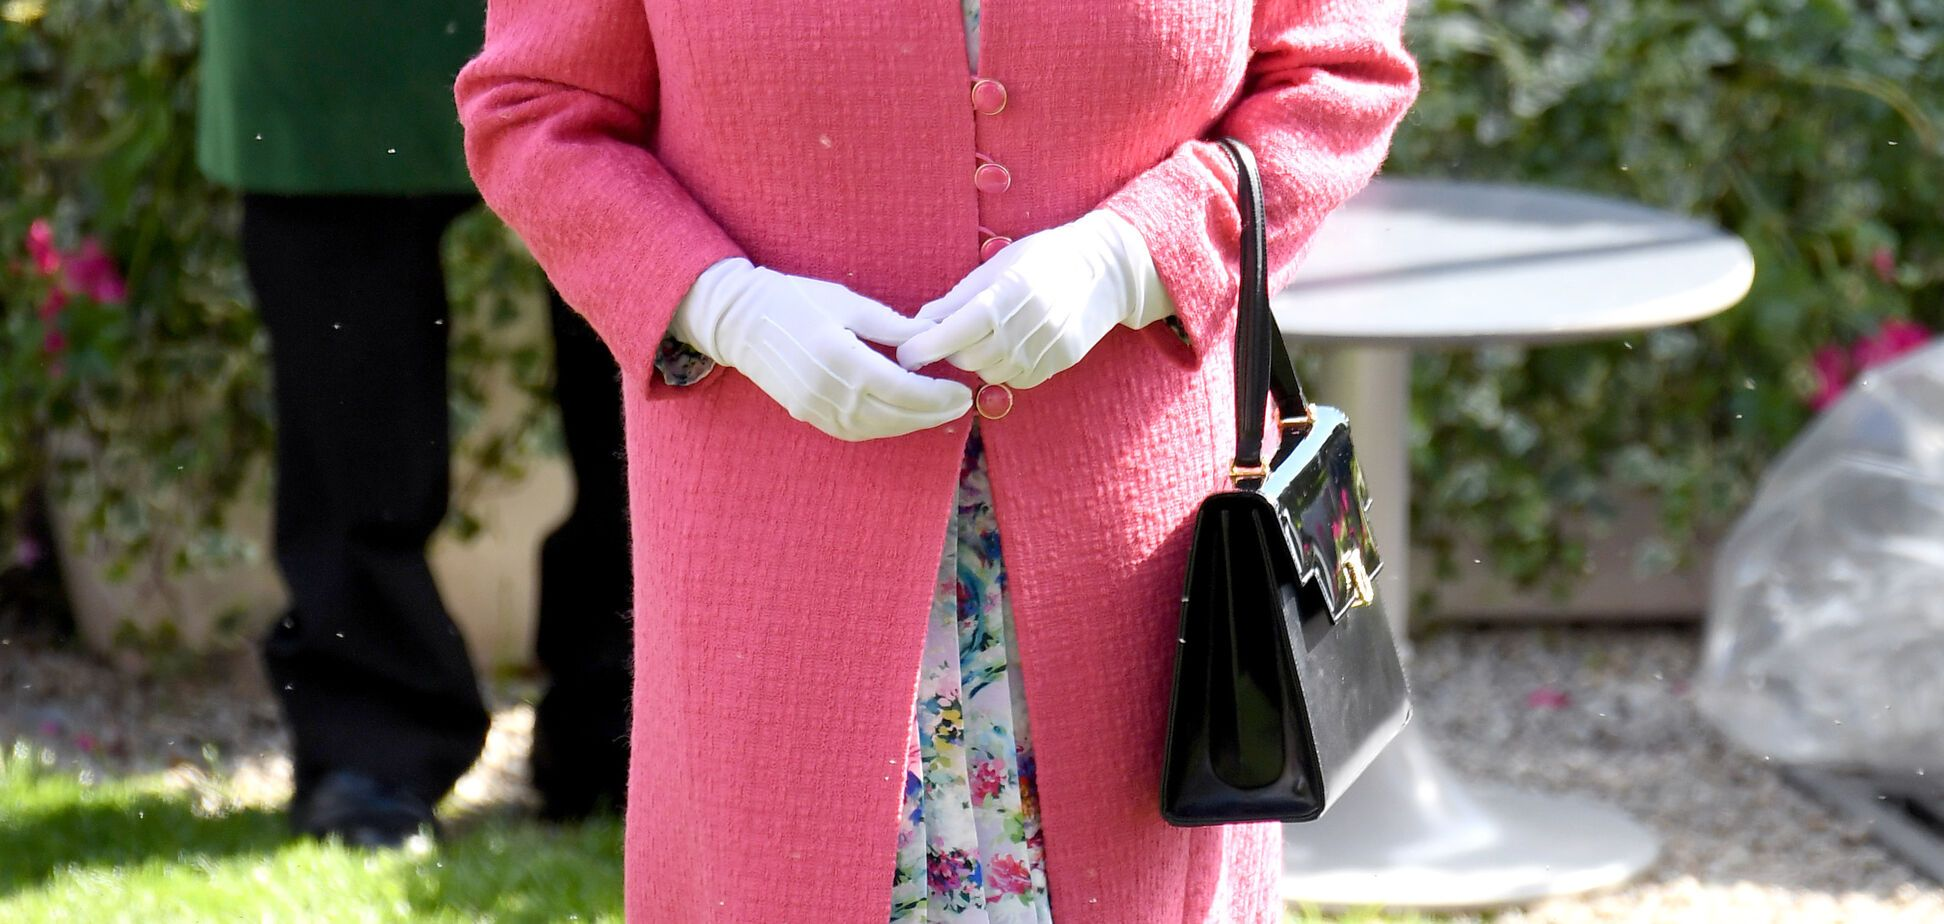 Королева Елизавета II в ярком наряде затмила внучек на скачках